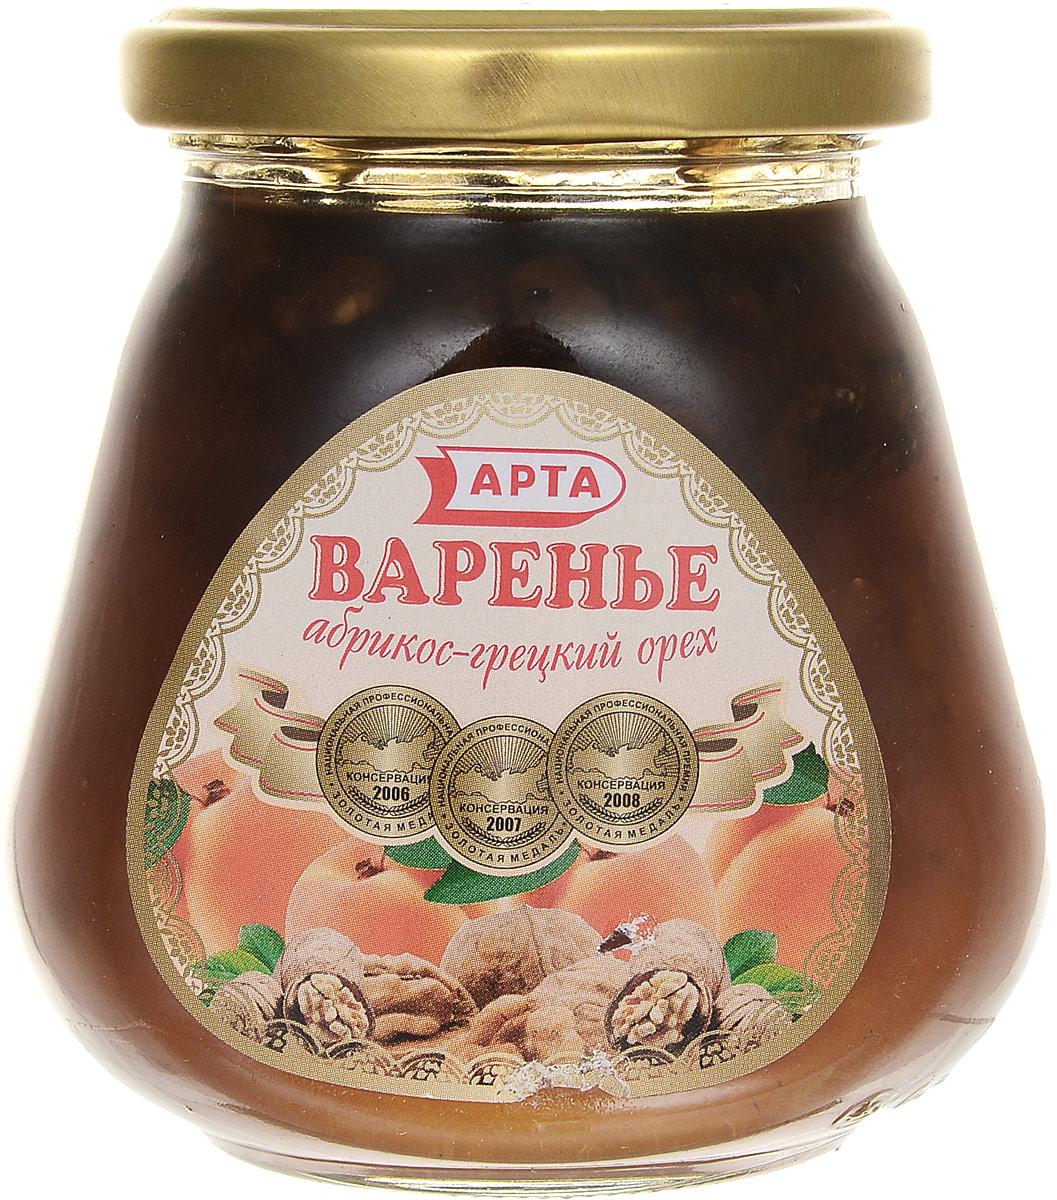 Арта варенье из абрикоса и грецкого ореха, 340 г0120710Арта - натуральное варенье из абрикоса и грецкого ореха, которое станет полезным и вкусным лакомством для всей семьи. Абрикосы показаны при желудочных заболеваниях и нарушении обмена веществ. Они мягко, но надолго возбуждают железистый аппарат желудка и нормализуют кислотность желудочного сока, что приводит в норму деятельность поджелудочной железы, а в силу этого улучшается работа печени и желчного пузыря.Абрикосы применяют при воспалении почек, они выводят из организма различные шлаки. Грецкие орехи являются продуктом питания и высокоактивным лекарственным средством. По калорийности они в 2 раза превышают пшеничный хлеб высшего сорта. Их рекомендуют для профилактики и лечения атеросклероза, при недостатке витаминов, солей кобальта и железа в организме. В орехах много клетчатки и масла, которые способны усиливать деятельность кишечника.